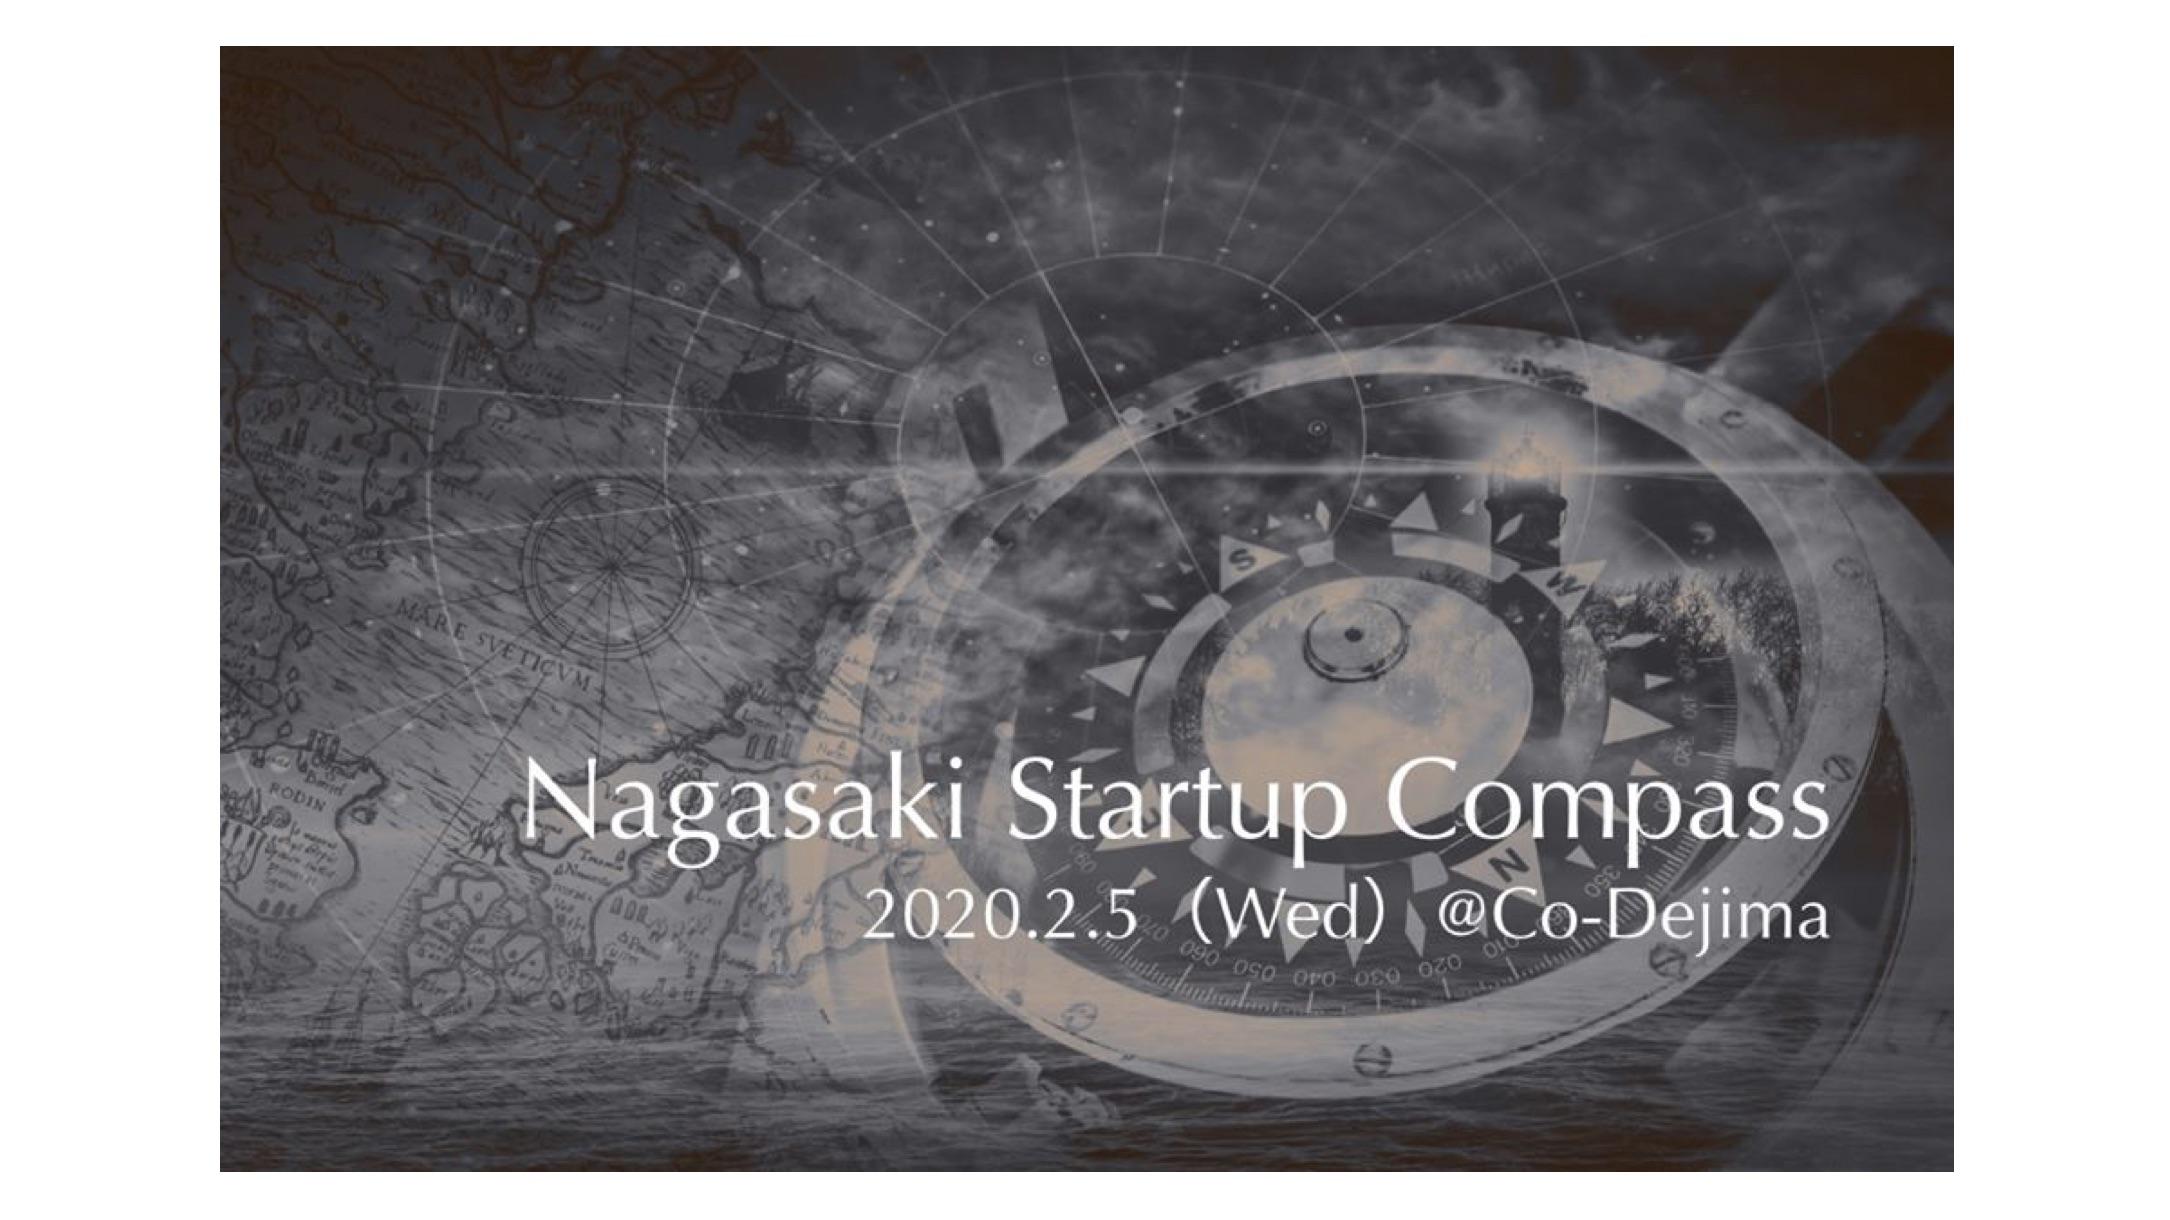 長崎発のスタートアップを生み出すためのプロジェクト「Nagasaki Startup Compass」が始動